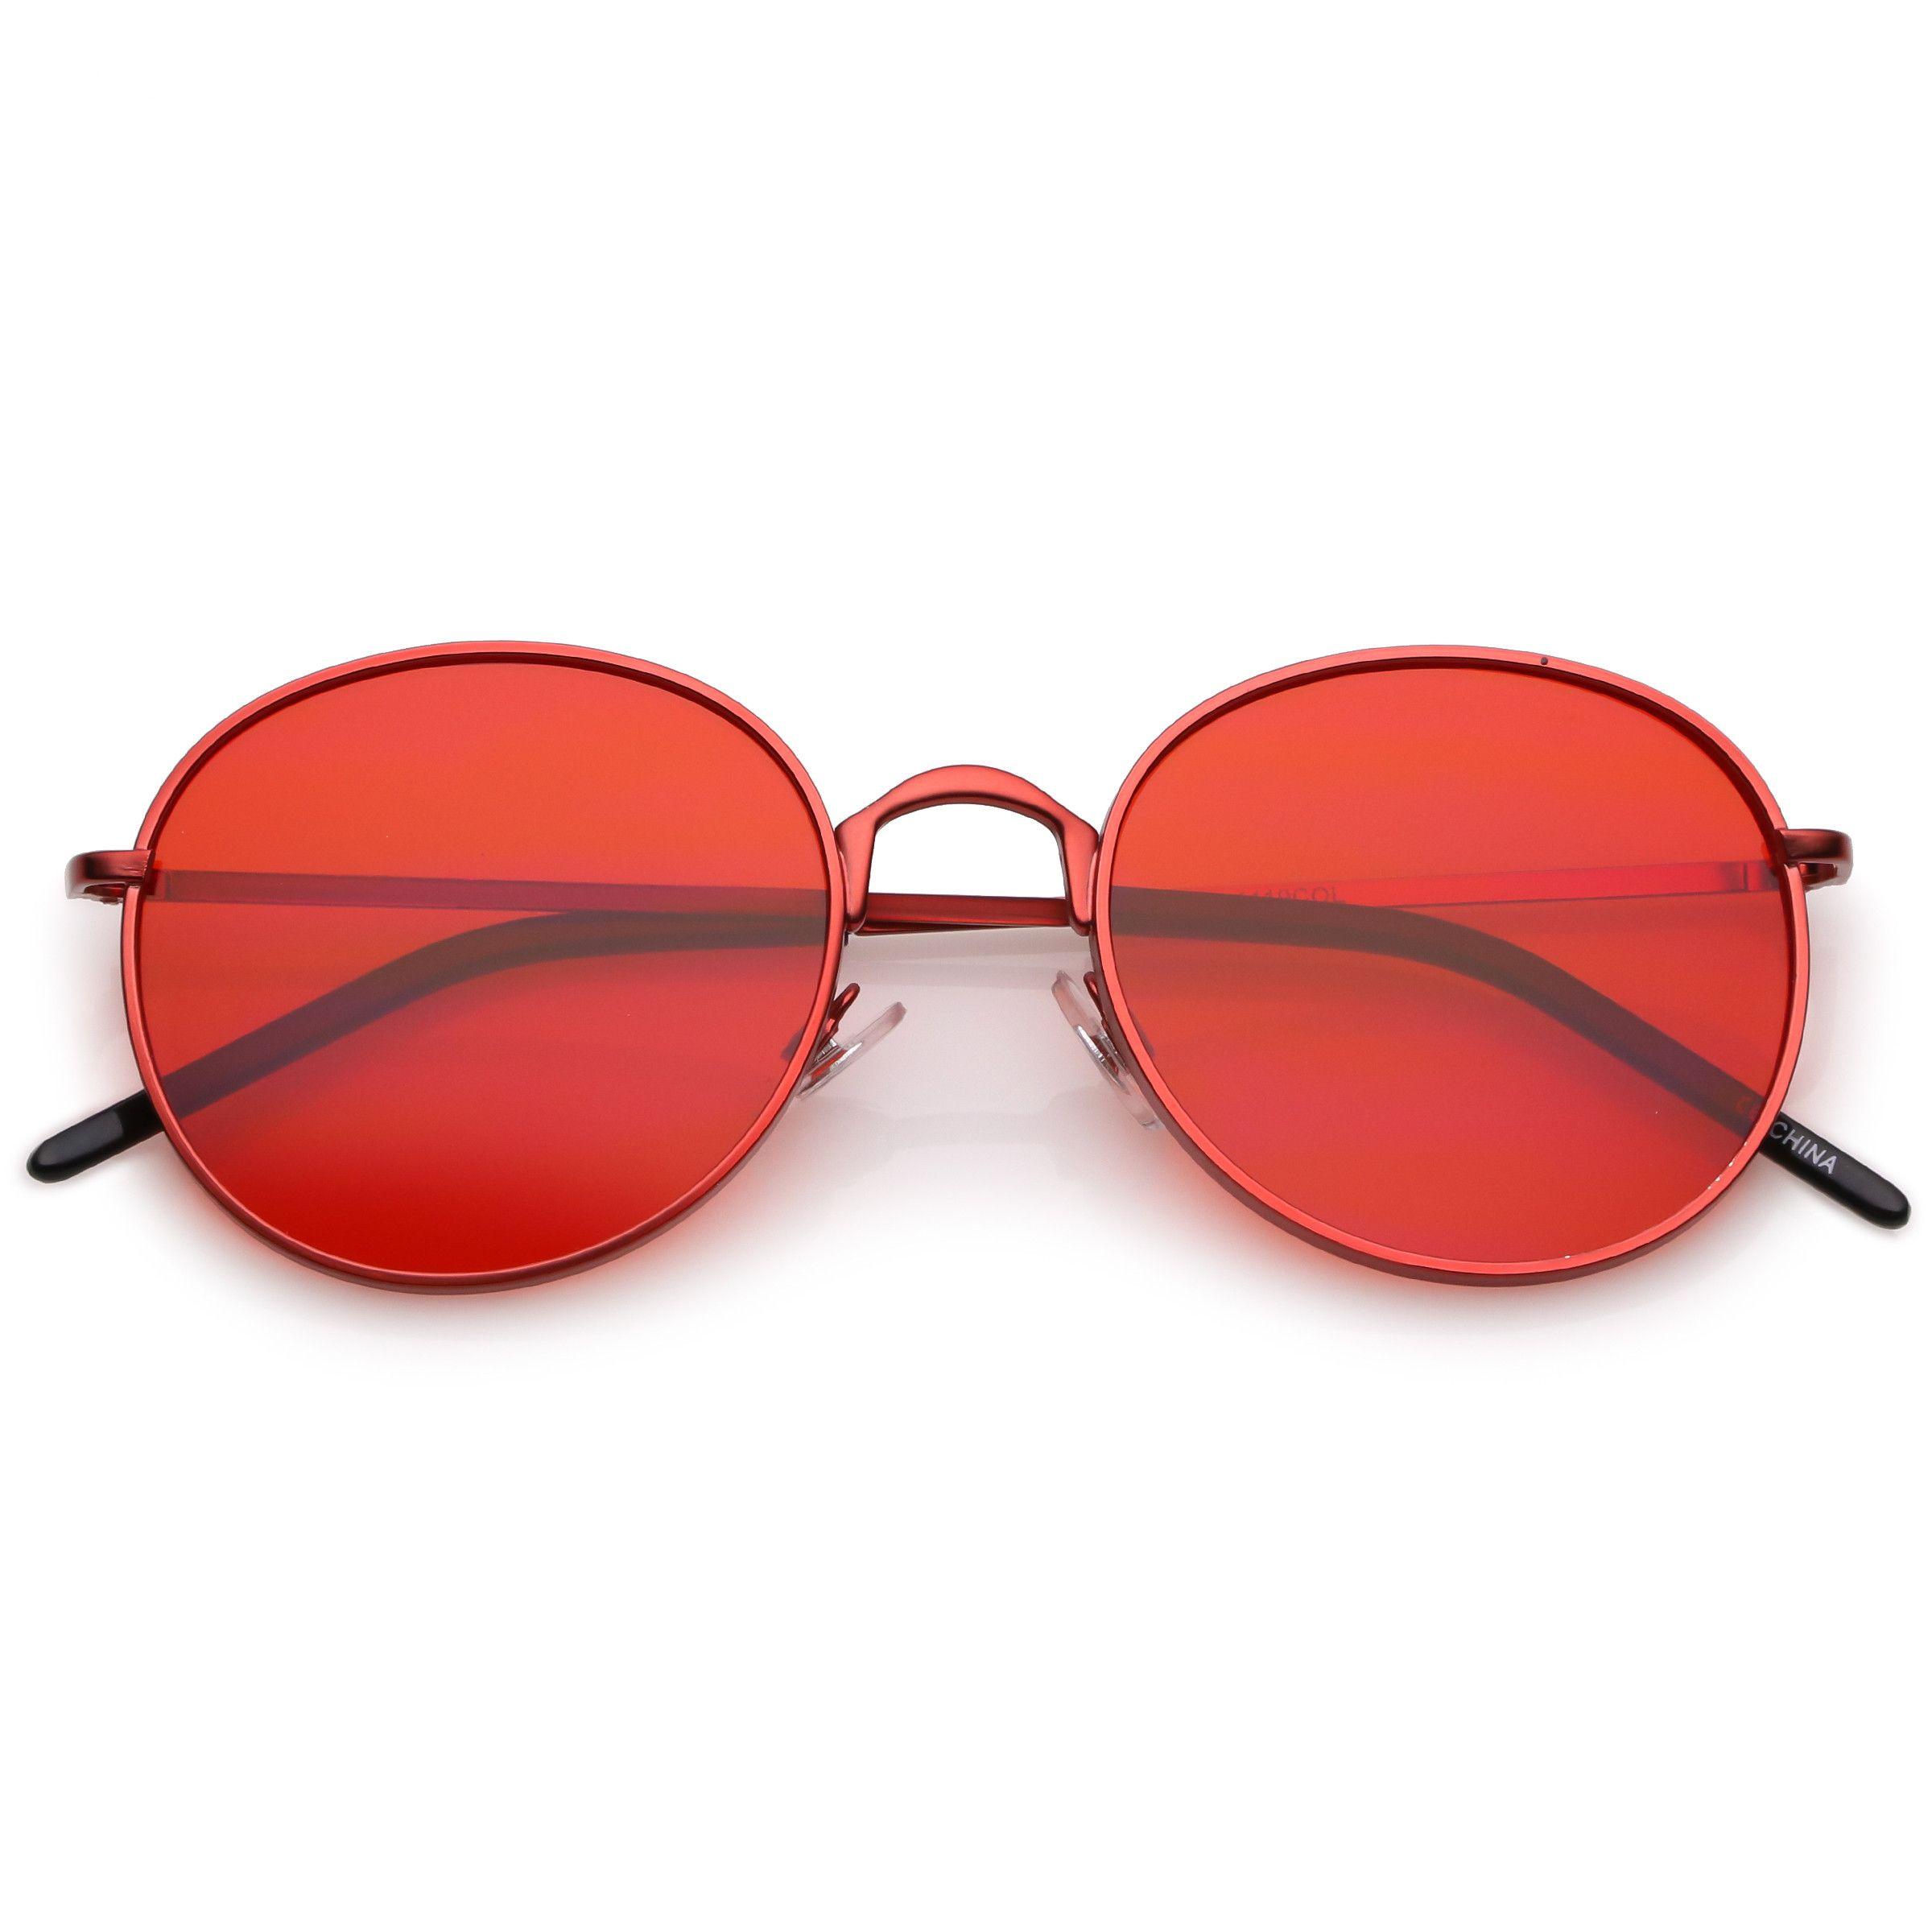 808d1331b3 Retro Fashion Round Color Tone Colors Flat Lens Sunglasses C437 ...